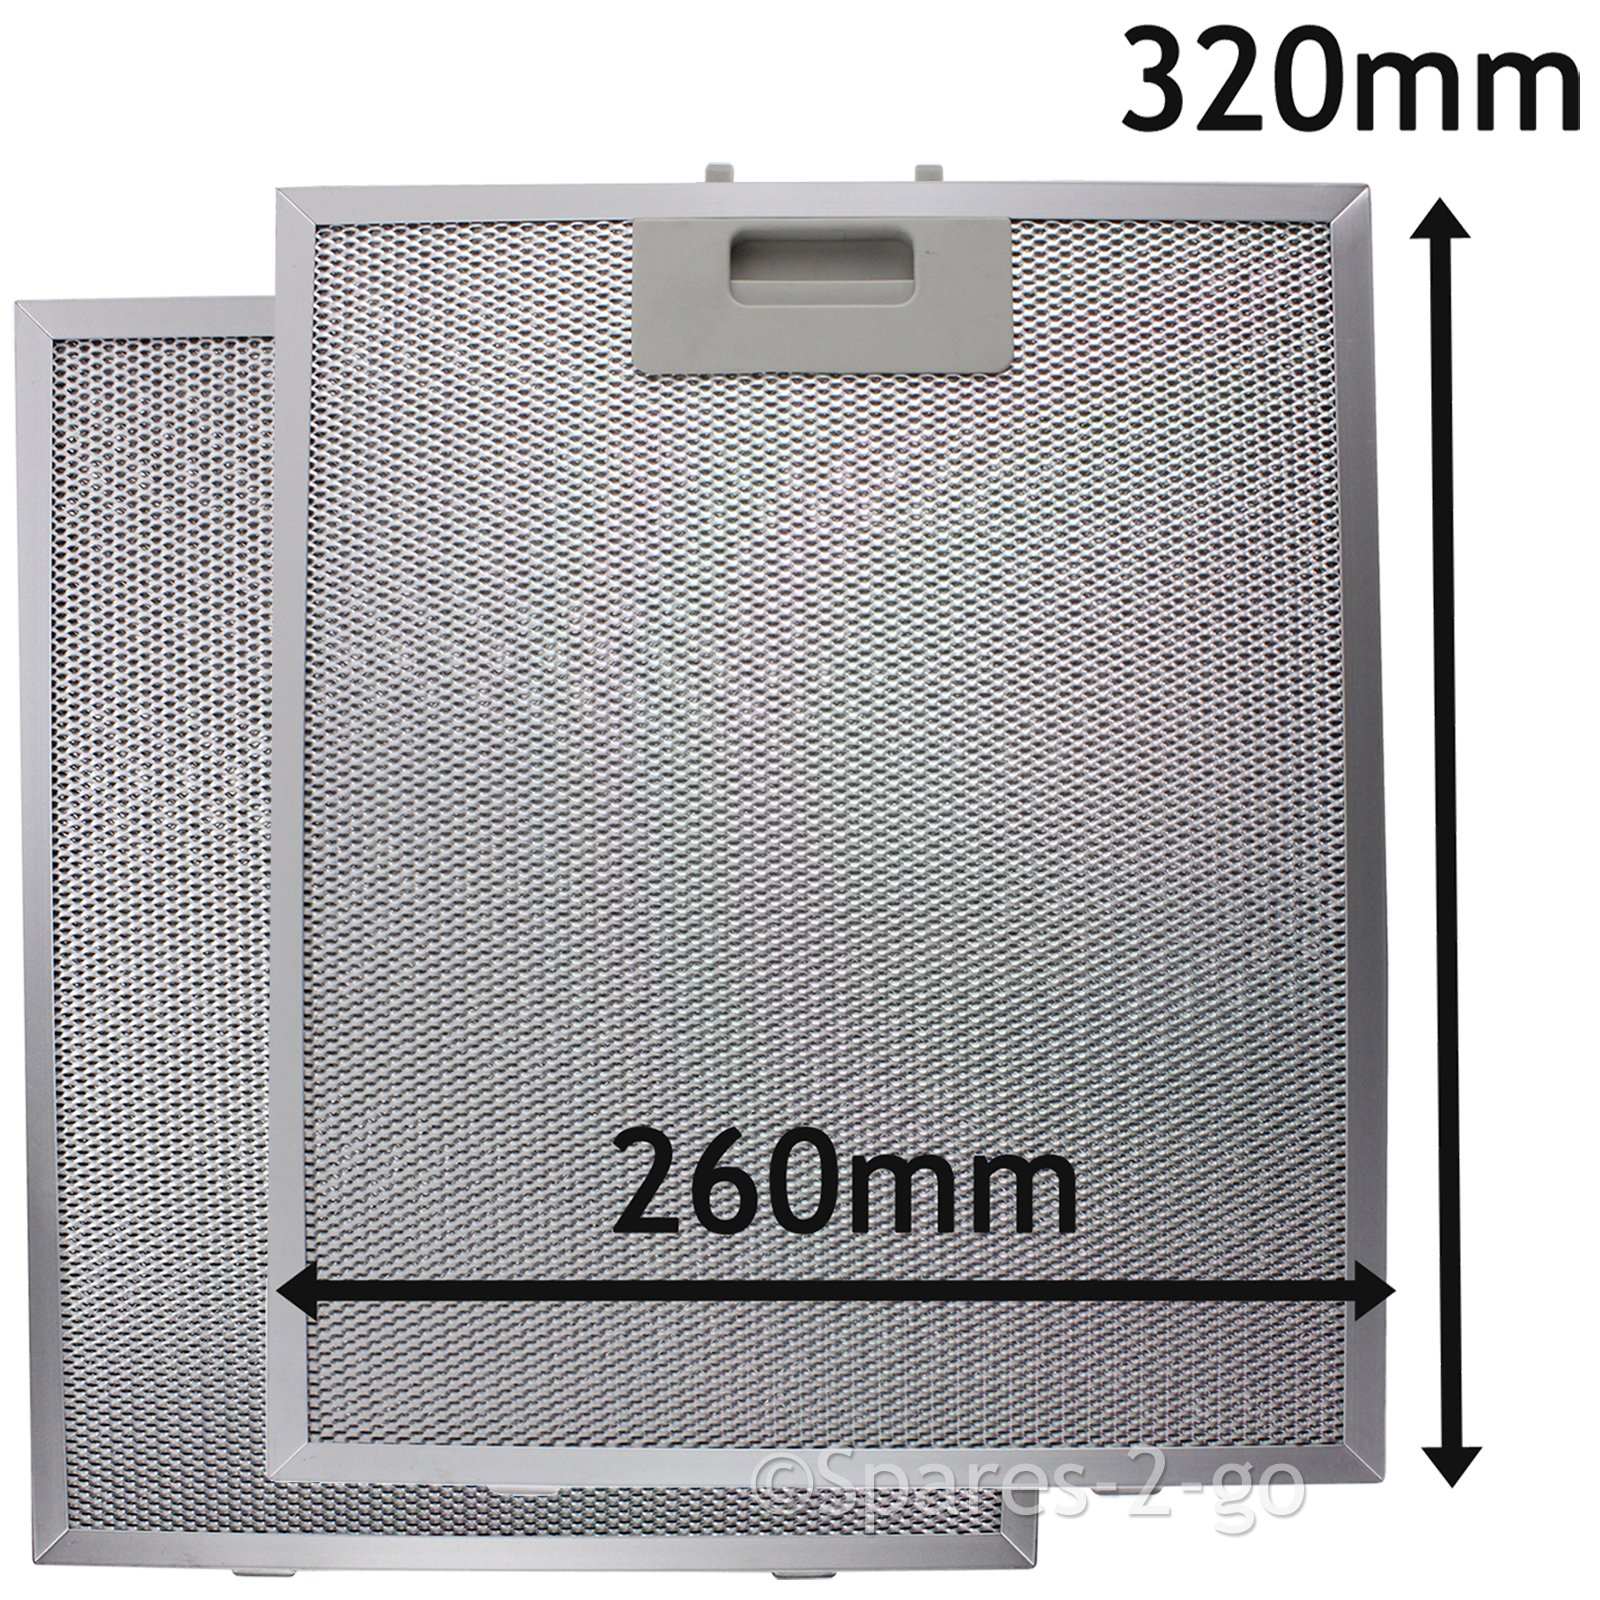 Spares2go Malla Metálica Filtro para teka campana extractora/extractor ventilación (Pack de 2 filtros, Plata, 320 x 260 mm): Amazon.es: Hogar